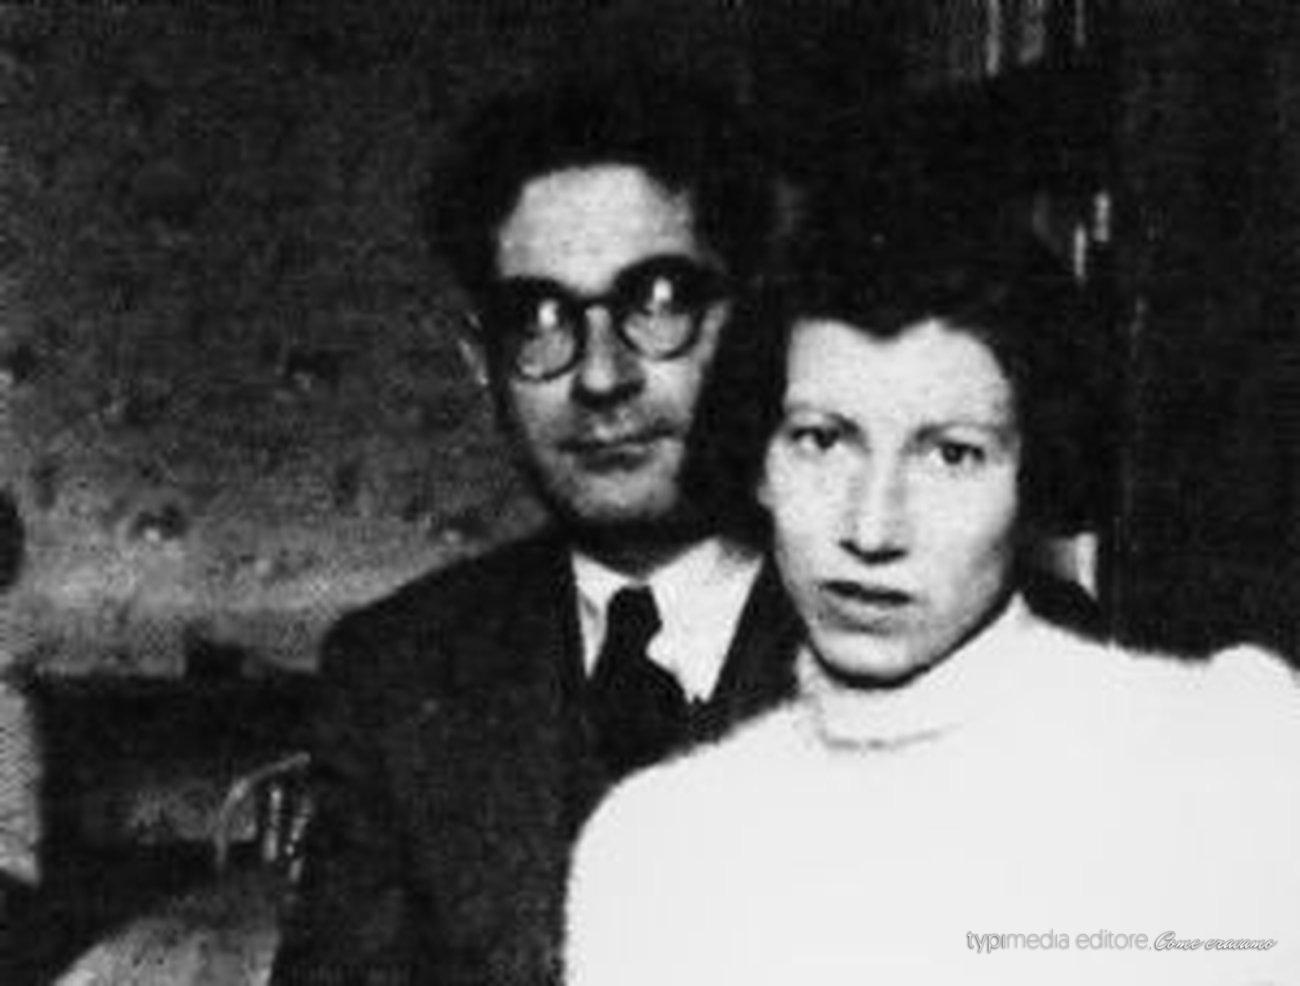 LA FAMIGLIA Leone con la moglie, Natalia Ginzburg, sposata nel 1938